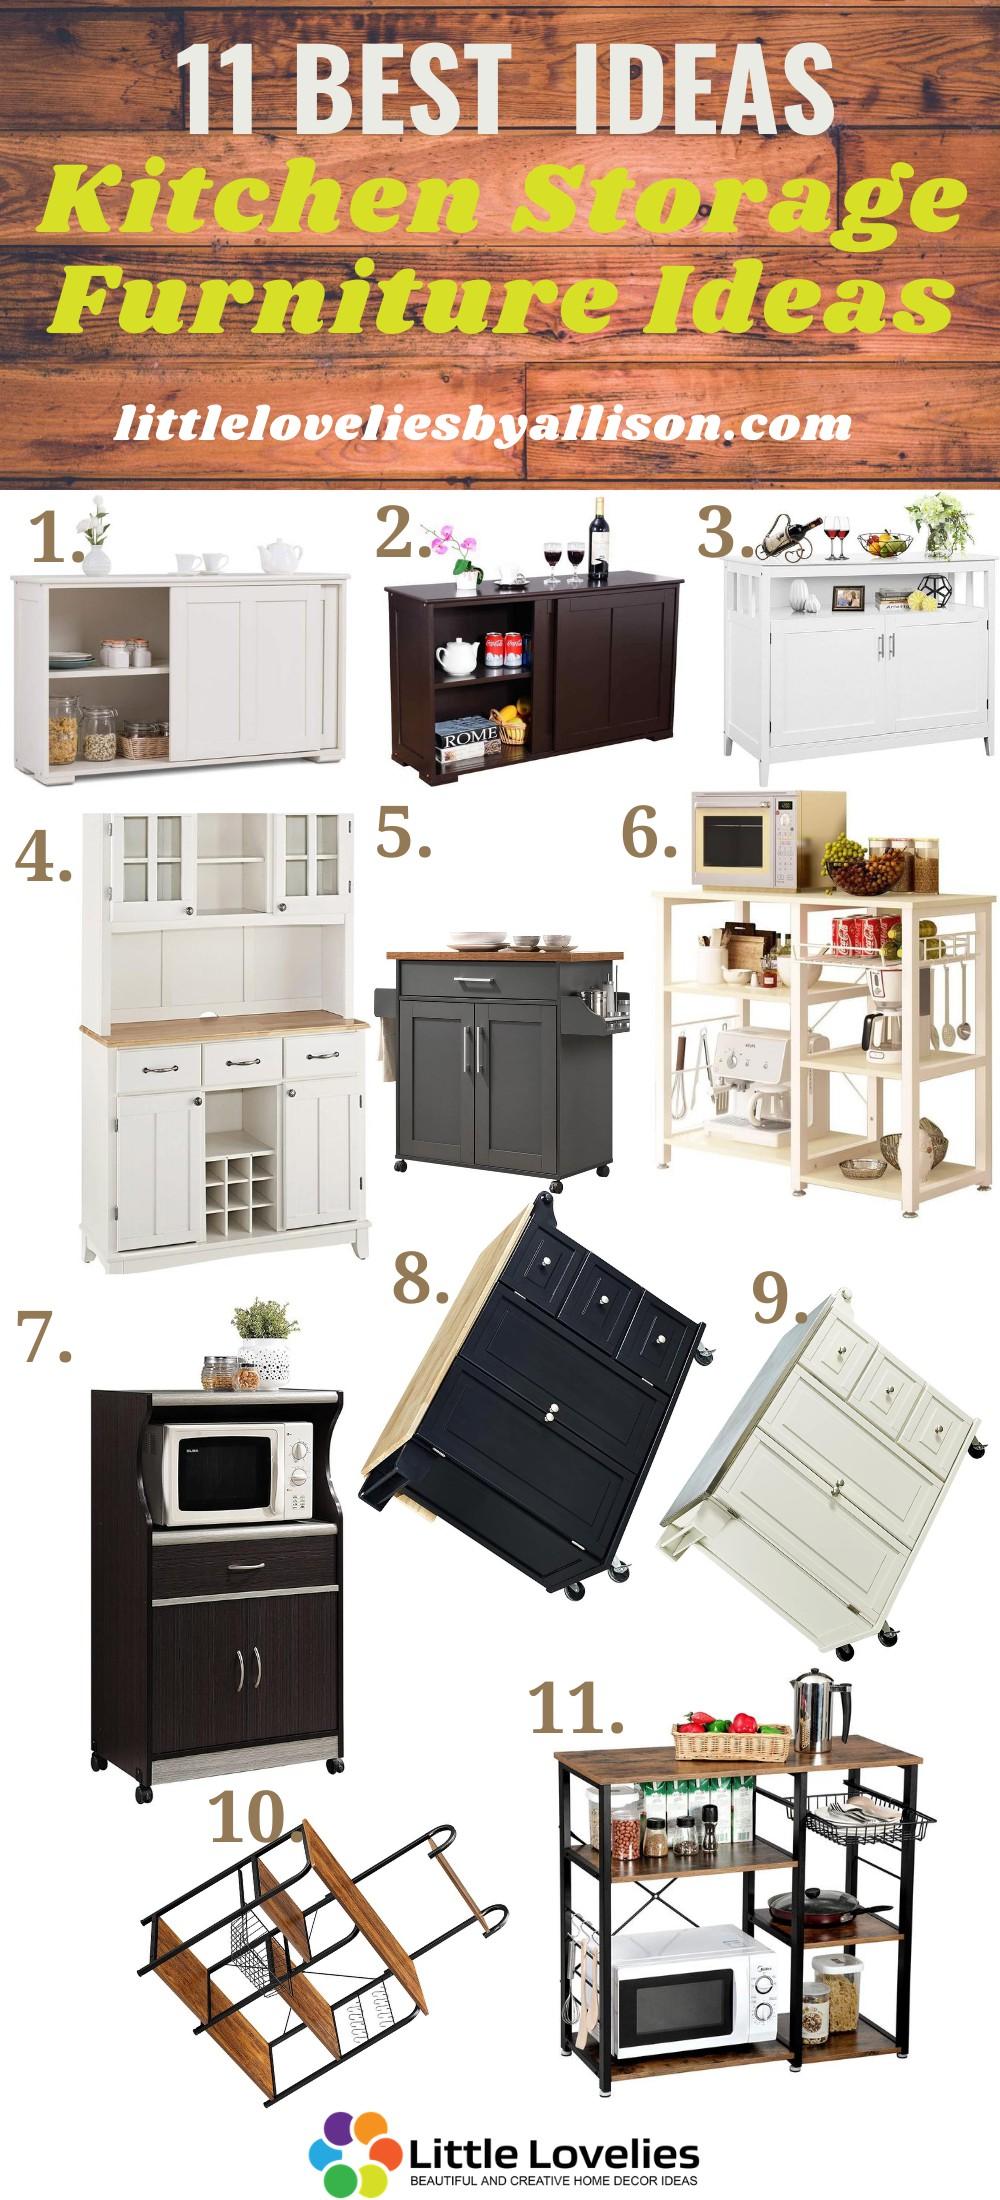 11 Kitchen Storage Furniture Ideas